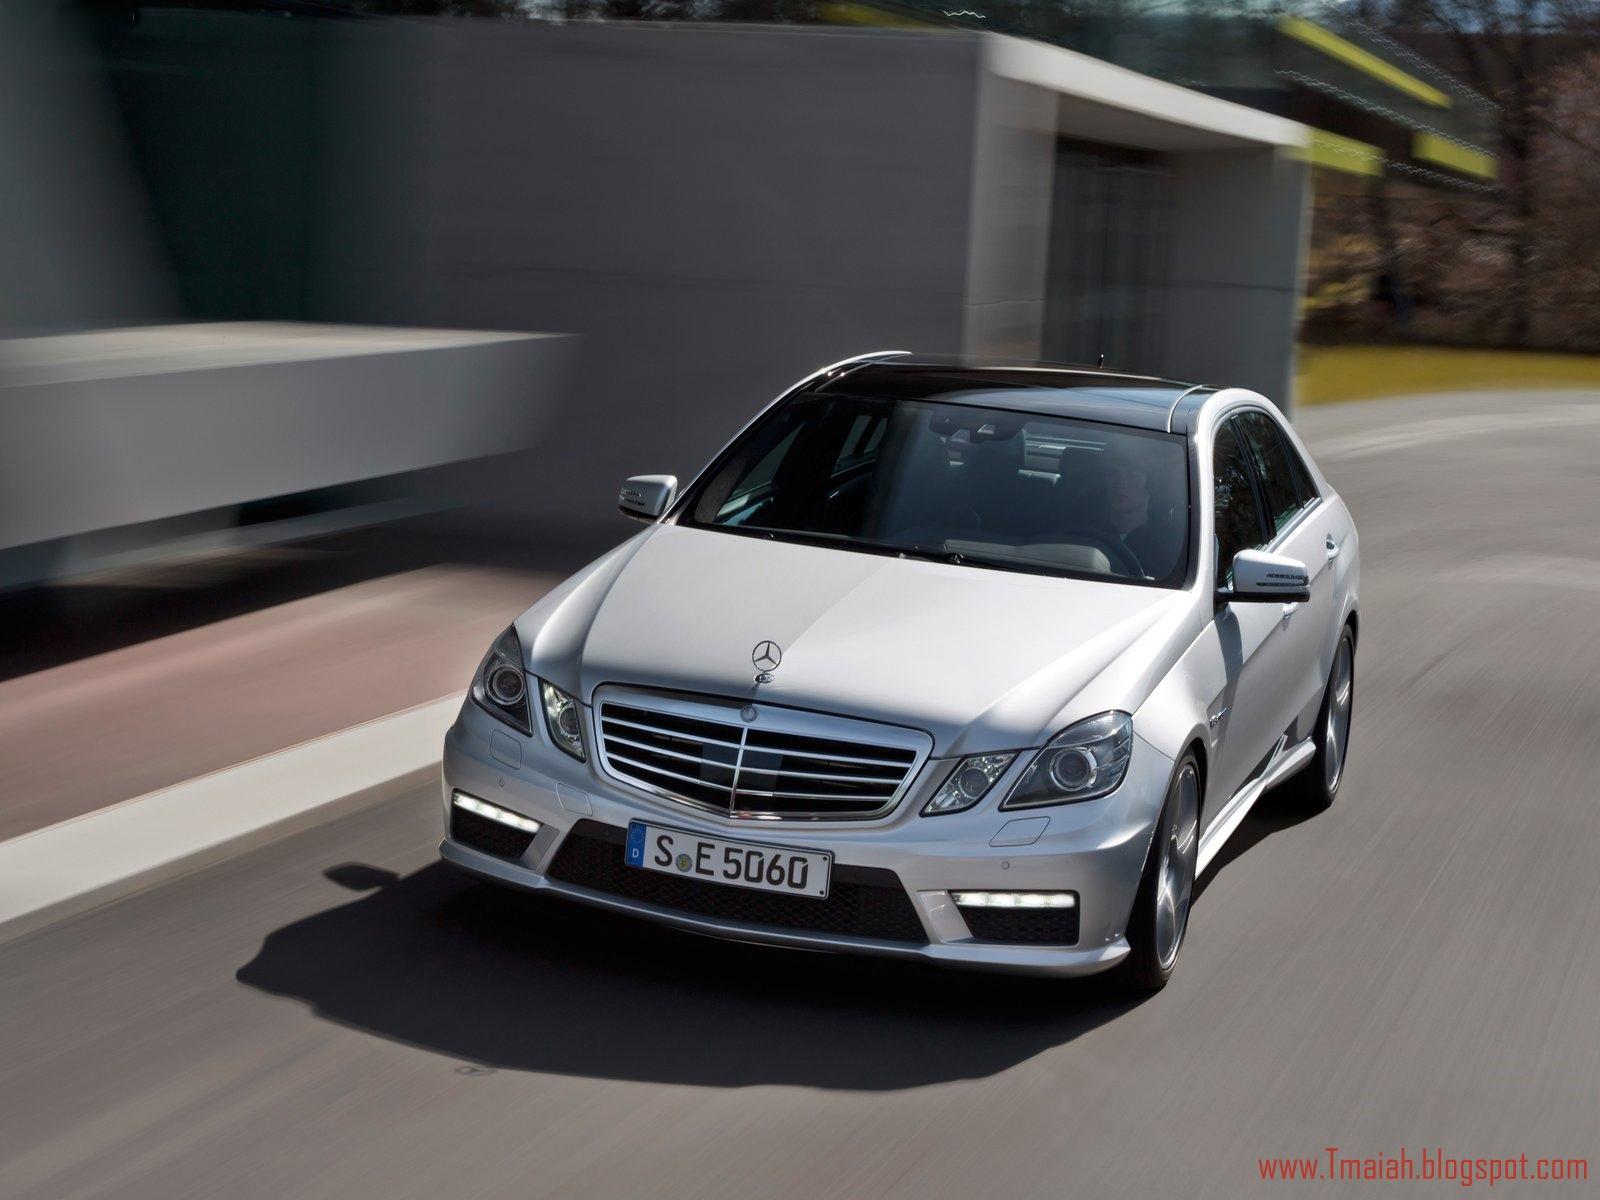 http://3.bp.blogspot.com/-yrplZVqH4uA/TwwrWKheBfI/AAAAAAAAAO4/CqAGEqvlYWs/s1600/Mercedes-Benz-E63_AMG_2012_1600x1200_wallpaper_03.jpg